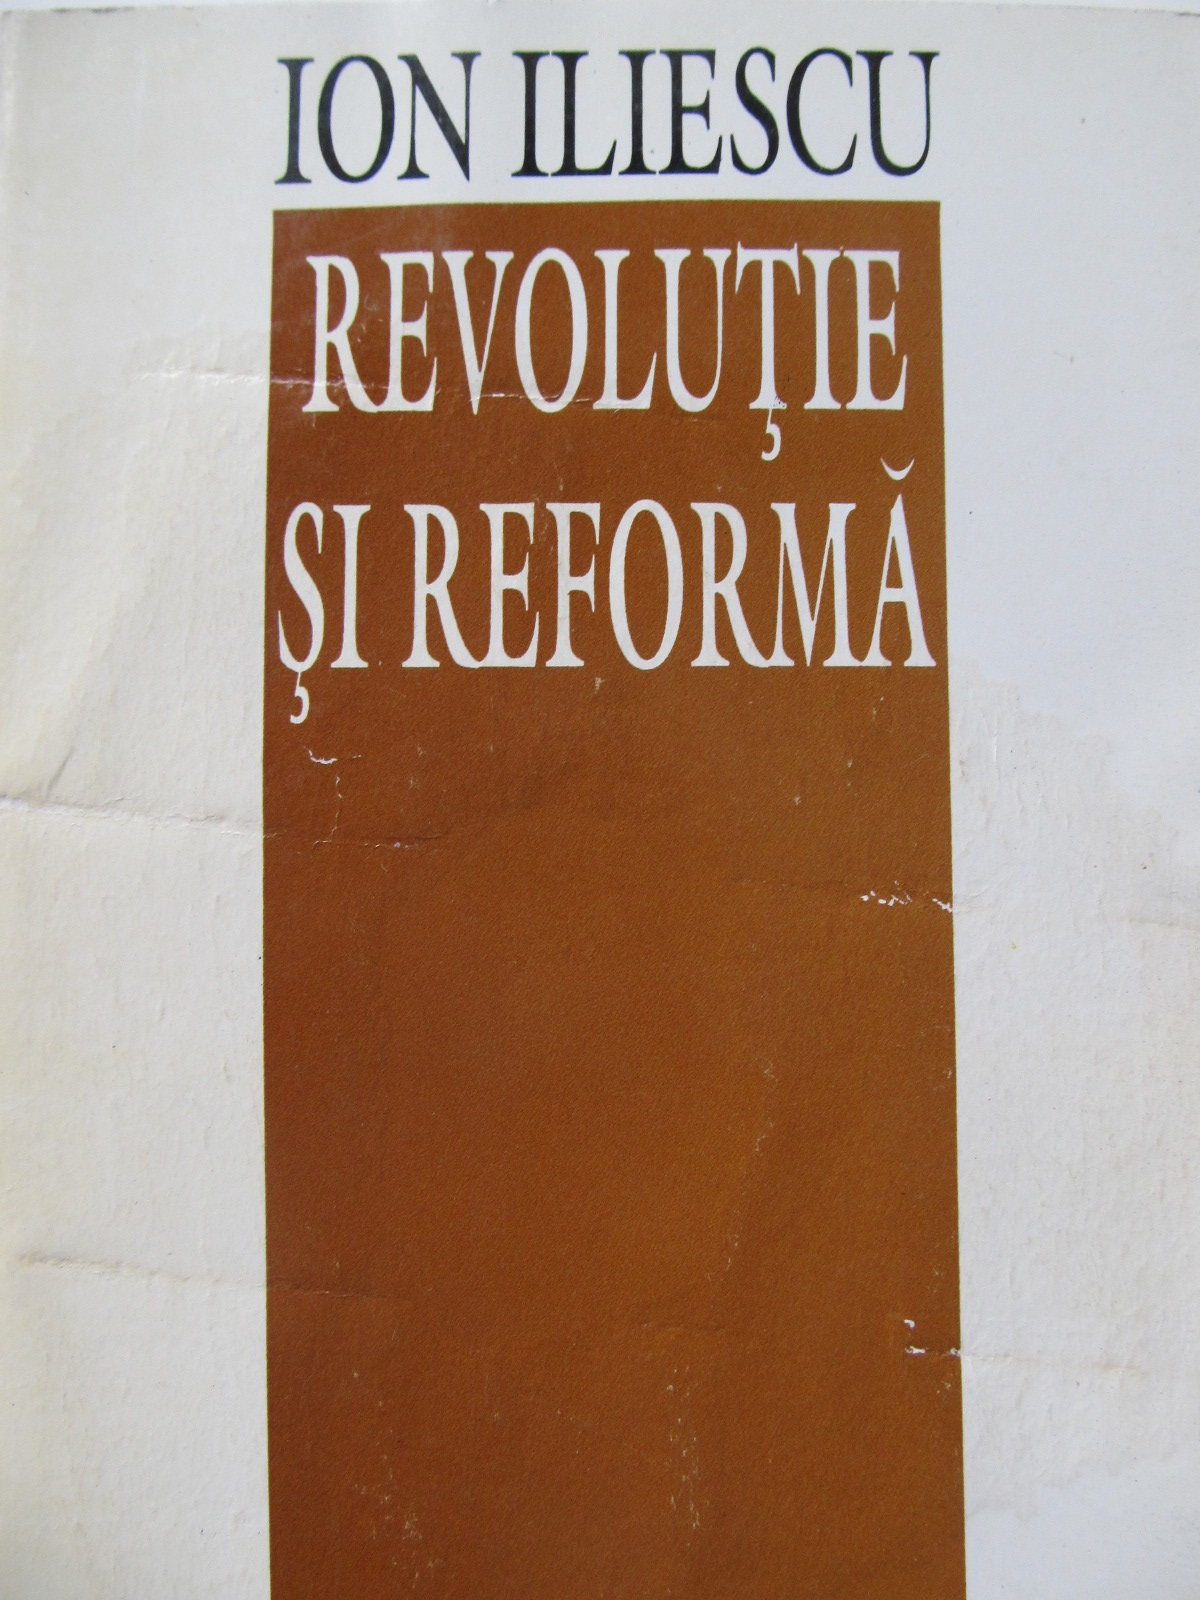 Carte Revolutie si reforma - Ion Iliescu